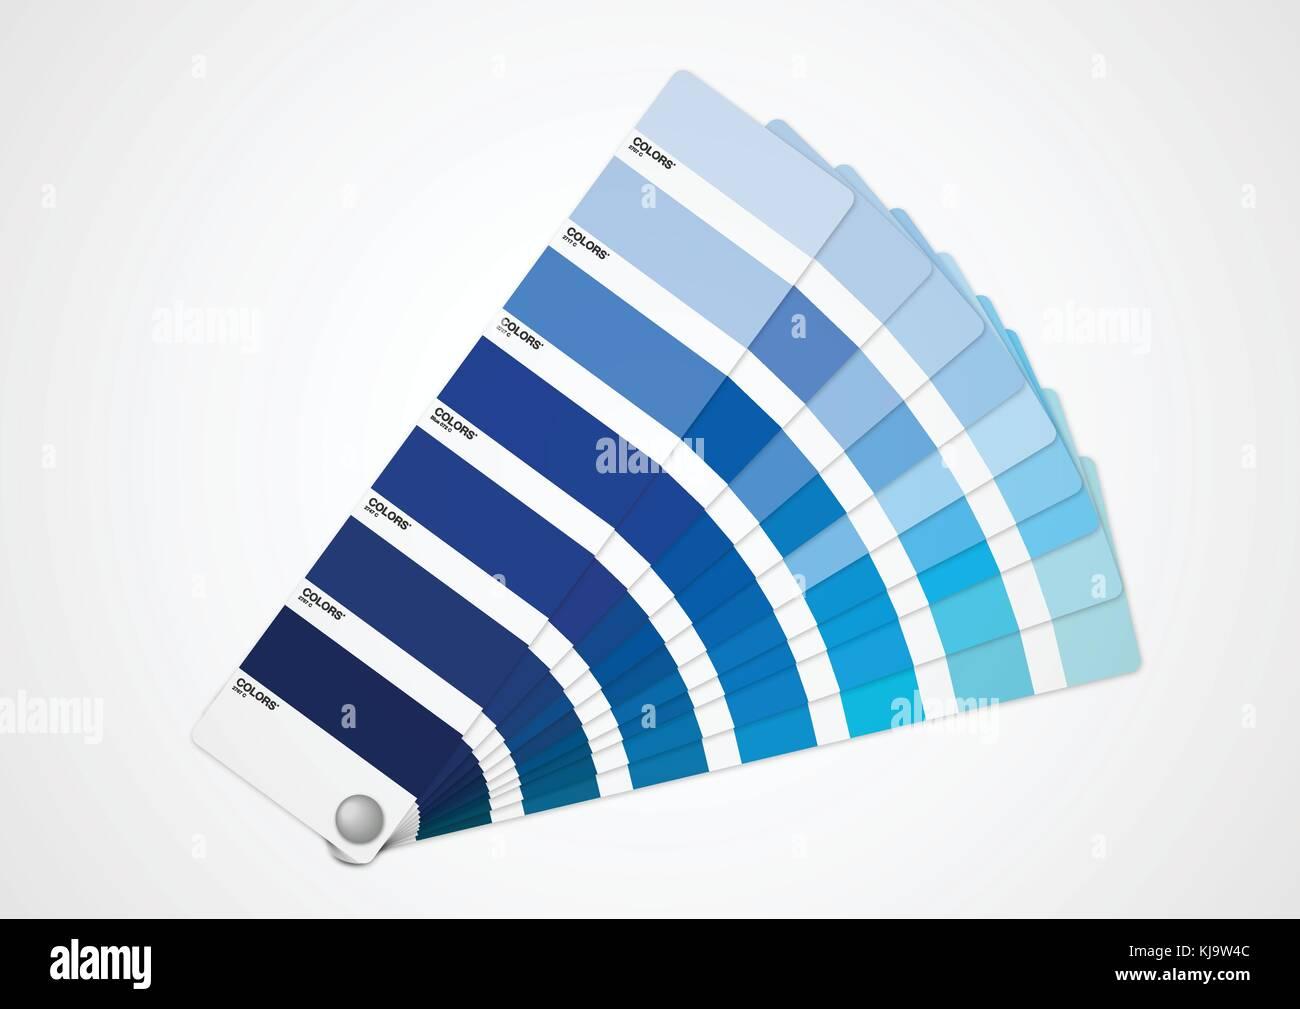 Ilustracion Vectorial De Colores De La Gama Azul Presentacion Guia - Gama-de-azul